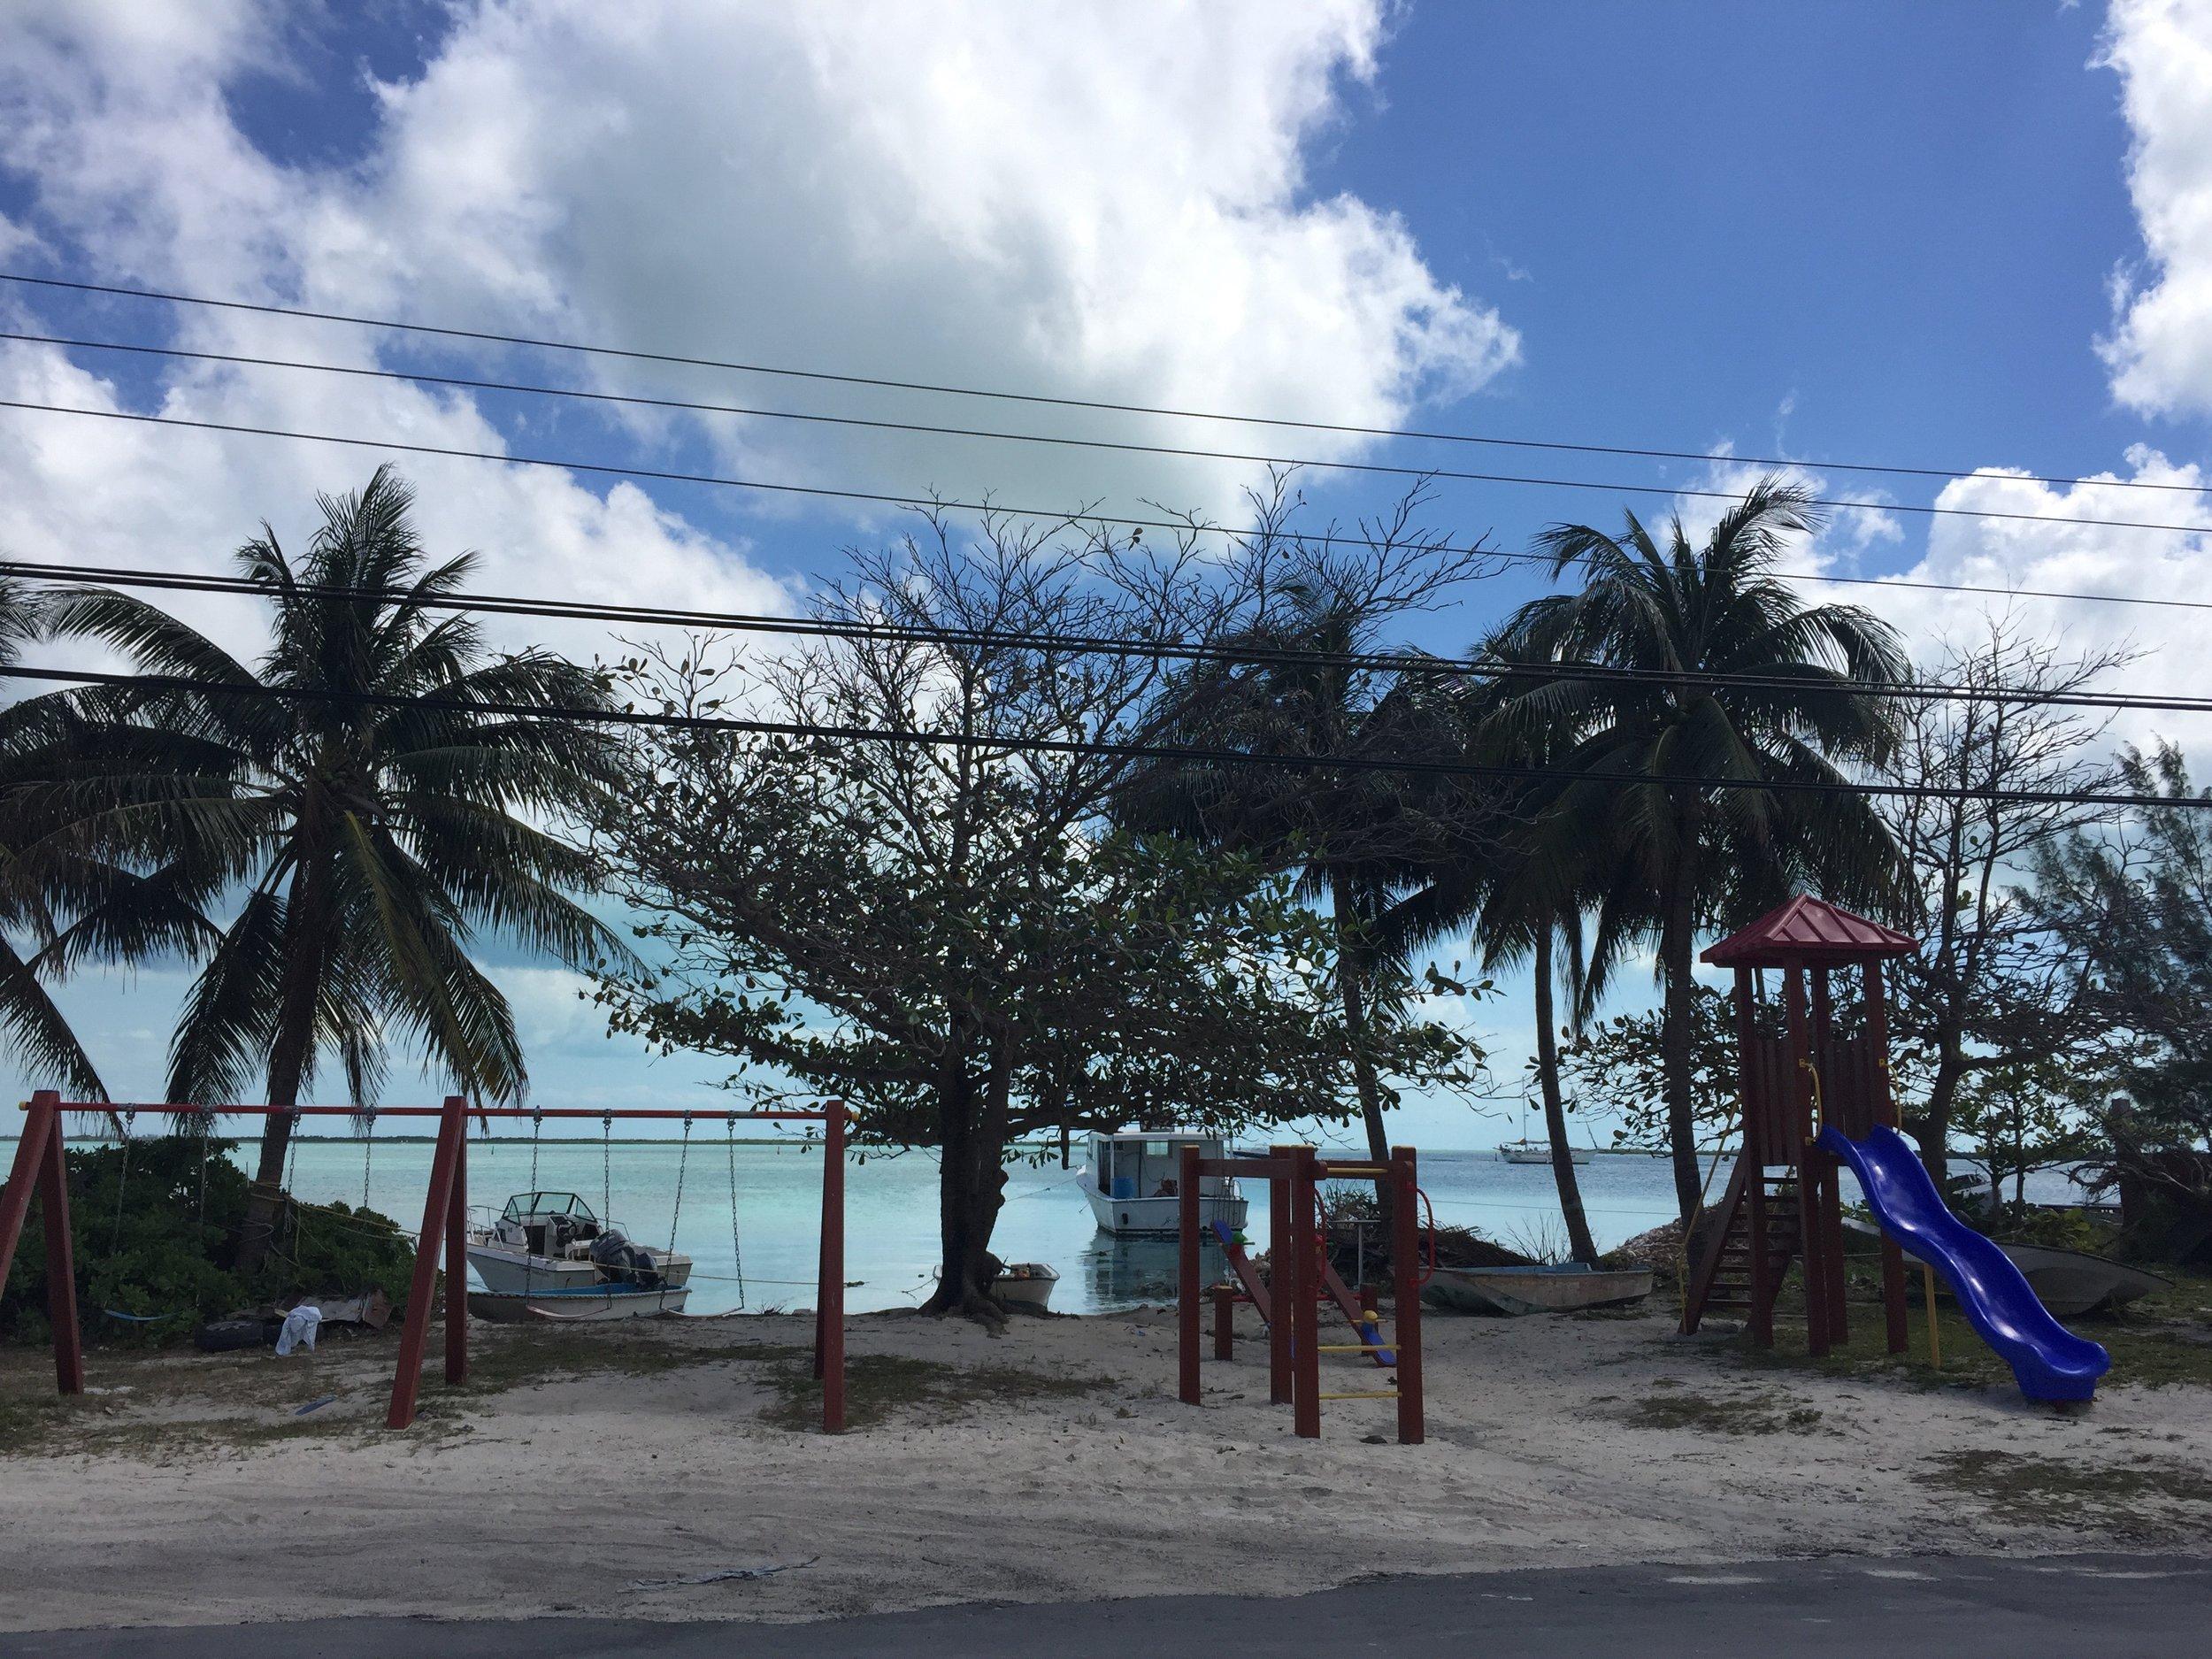 bimini playground